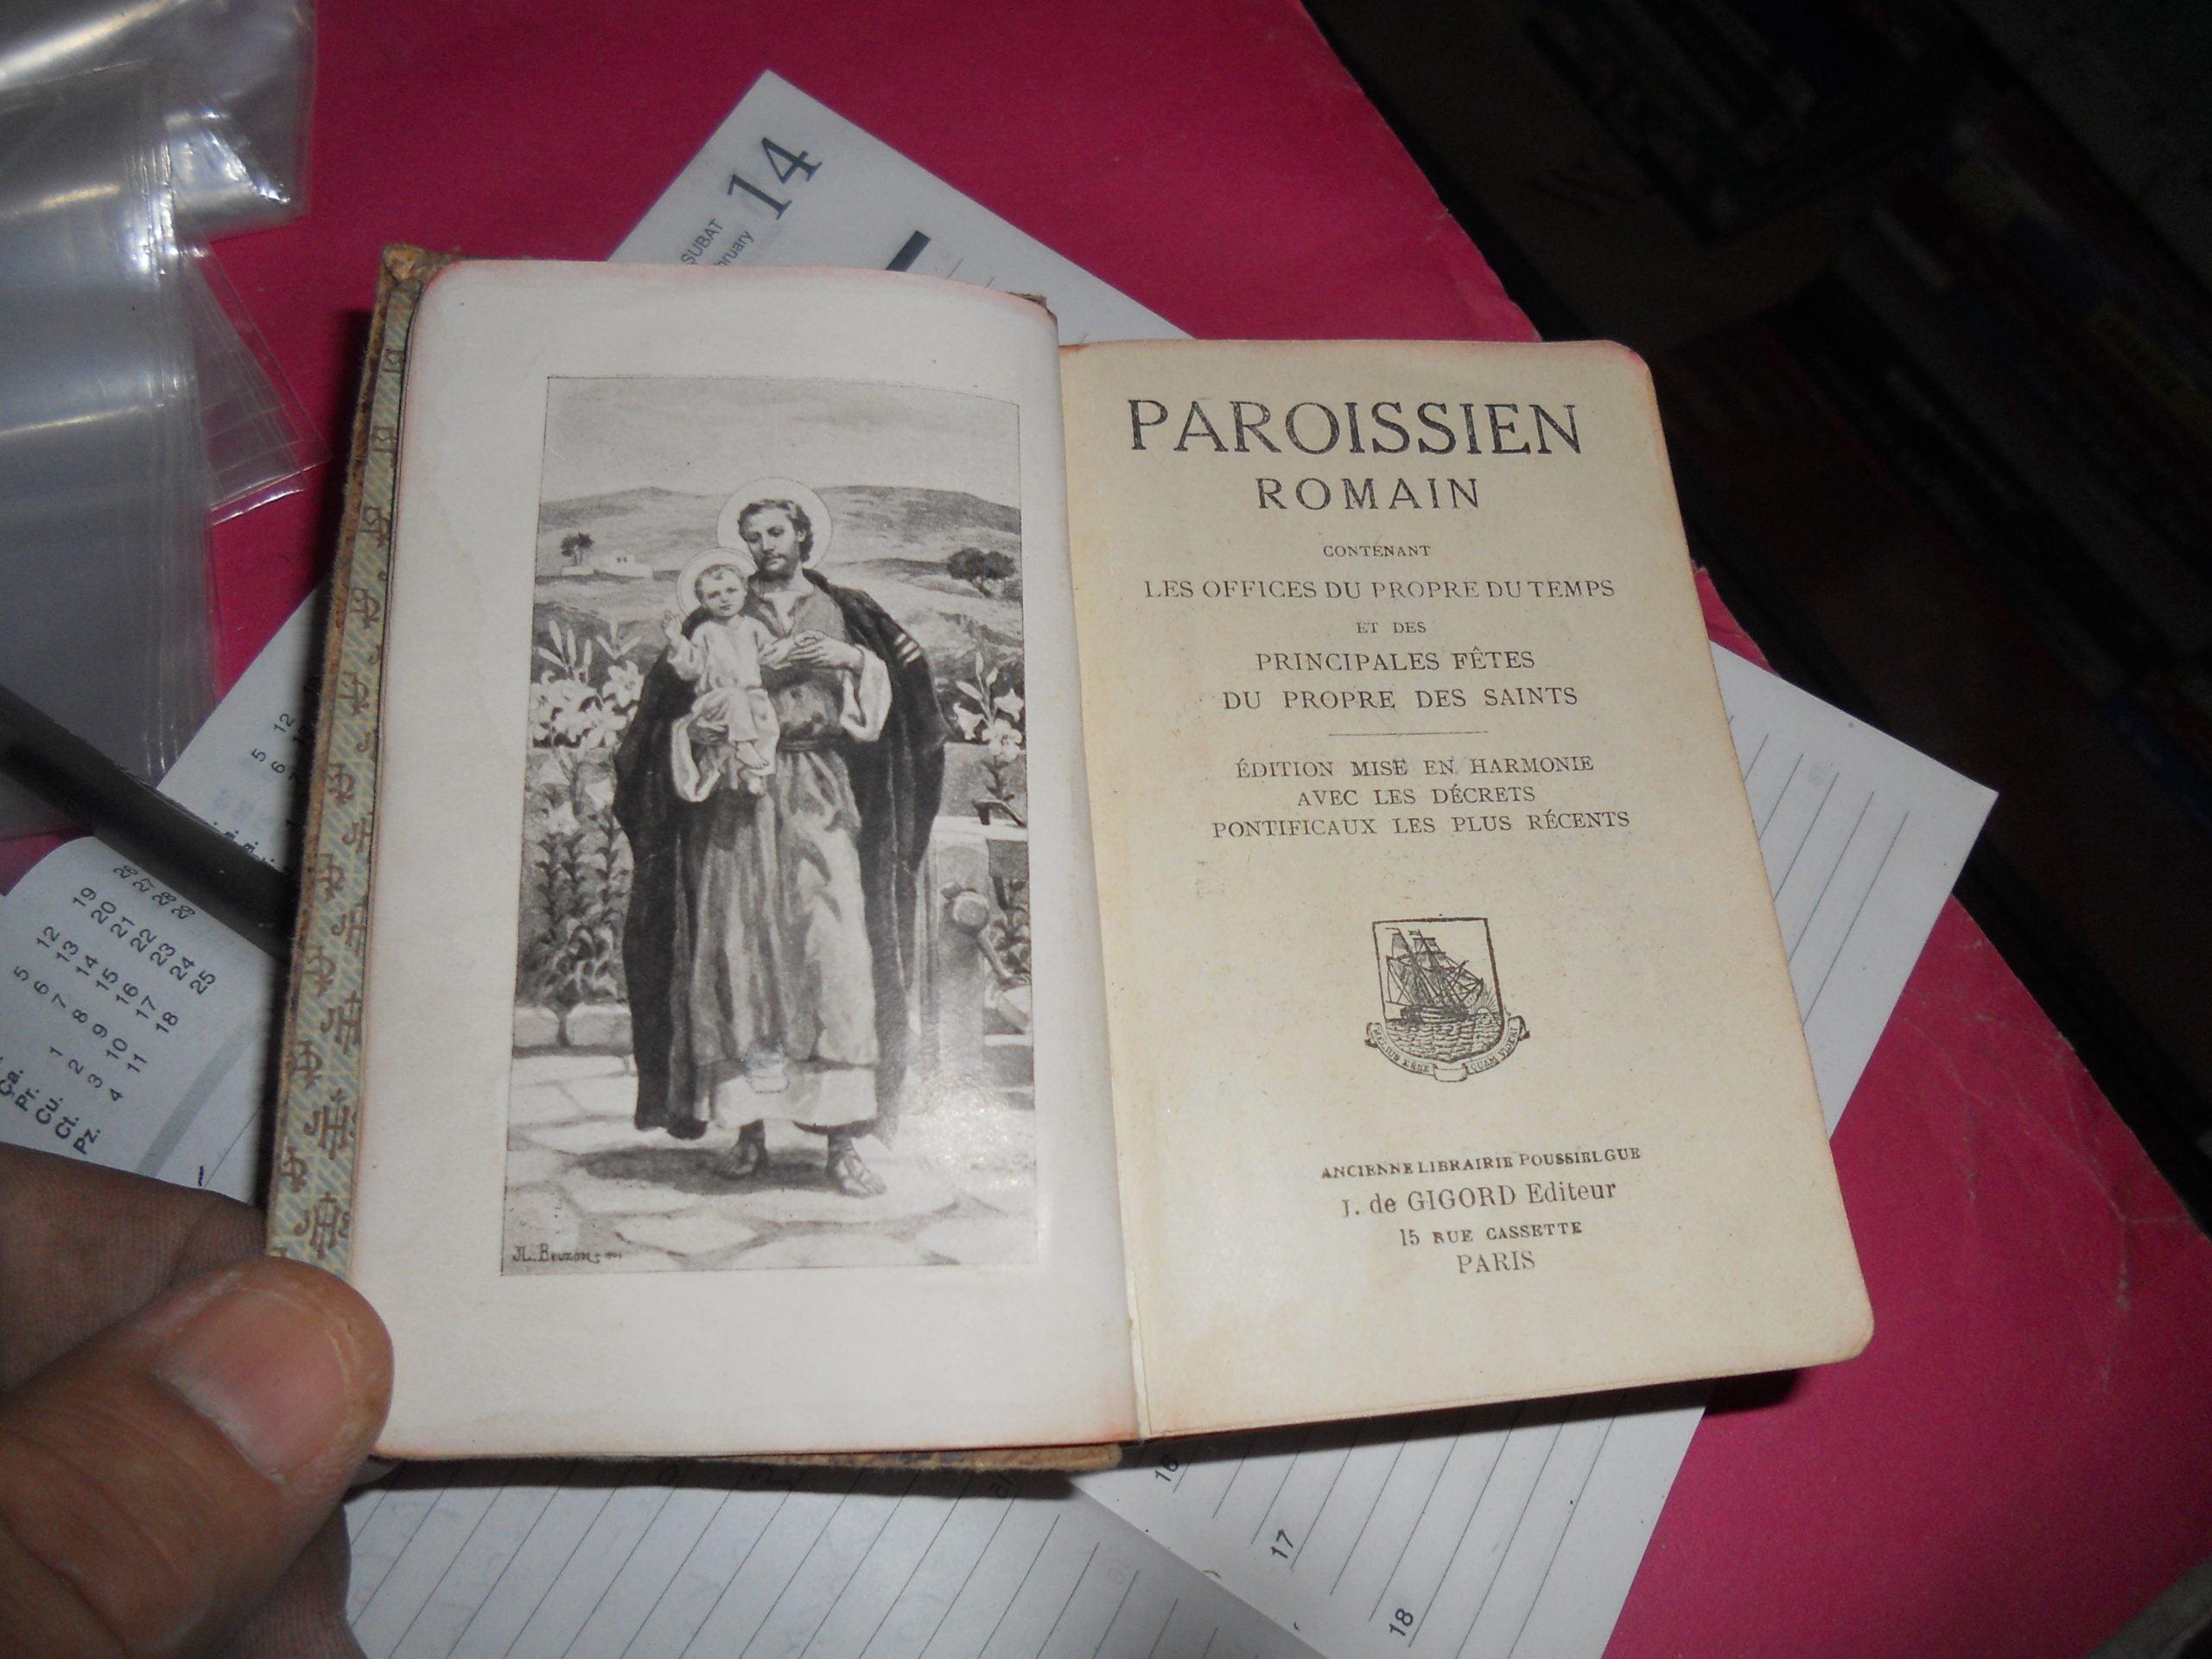 PAROISSIEN ROMAIN